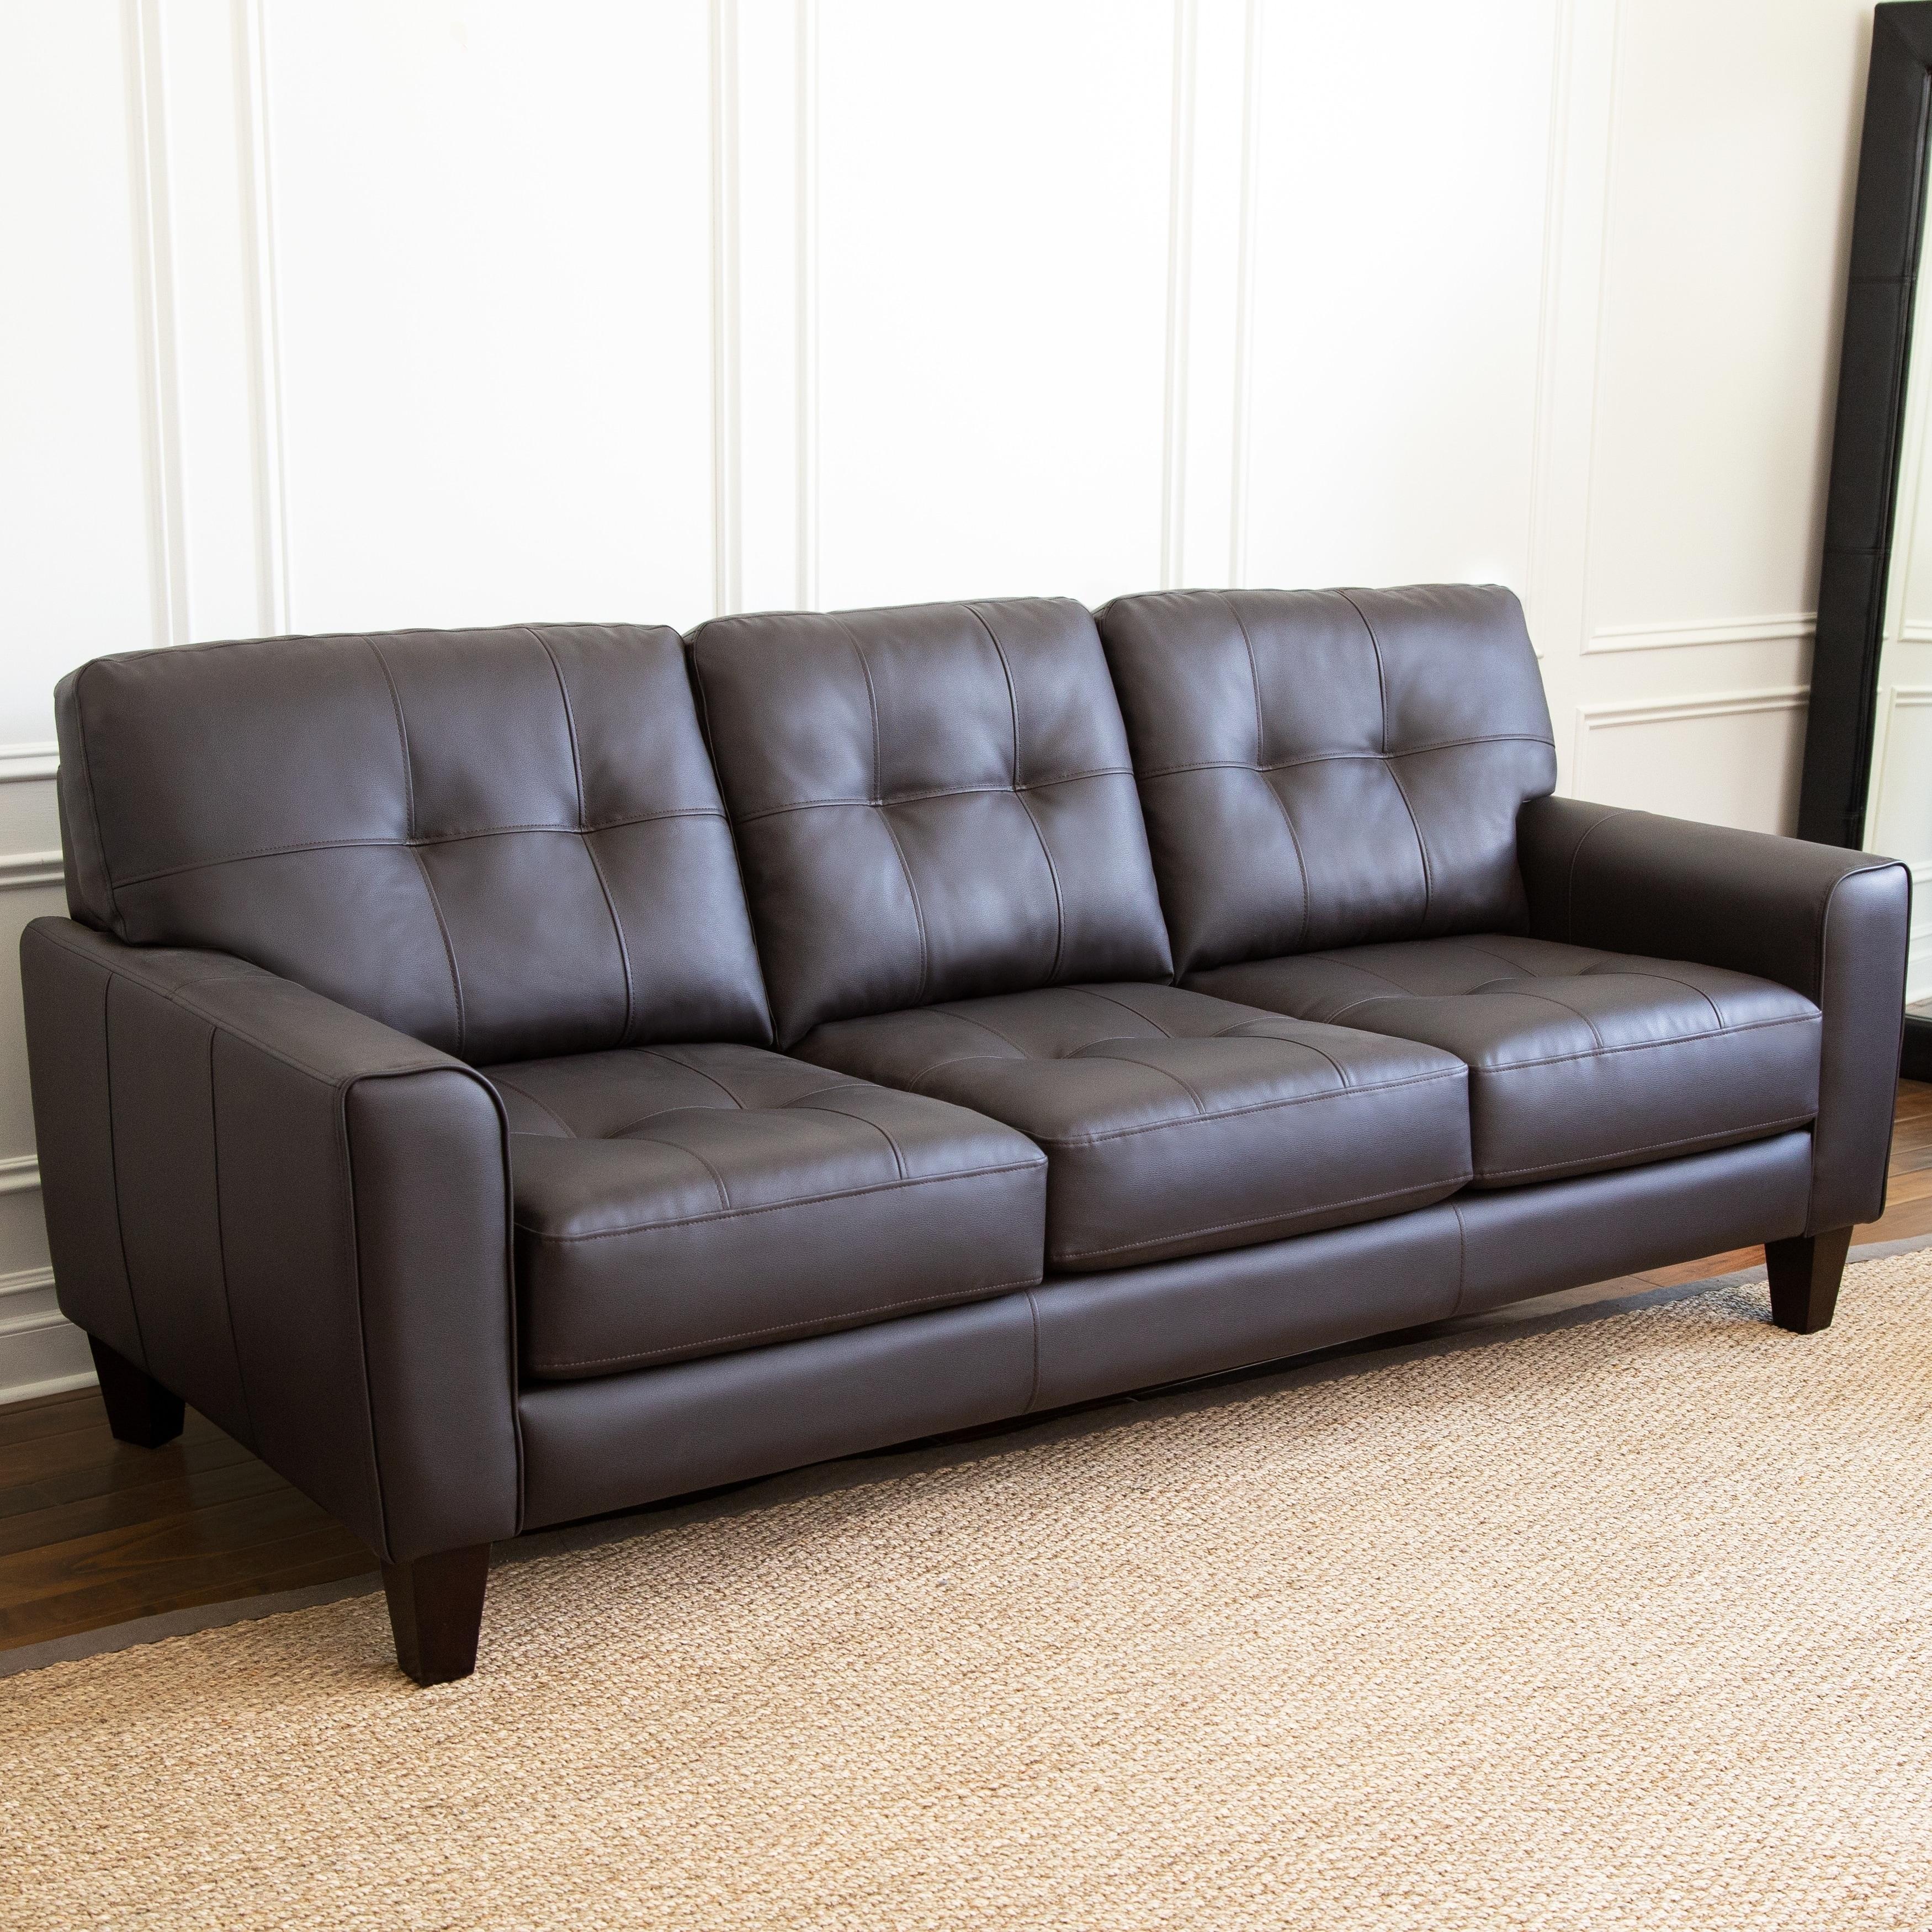 Abbyson Ballard Brown Tufted Sofa